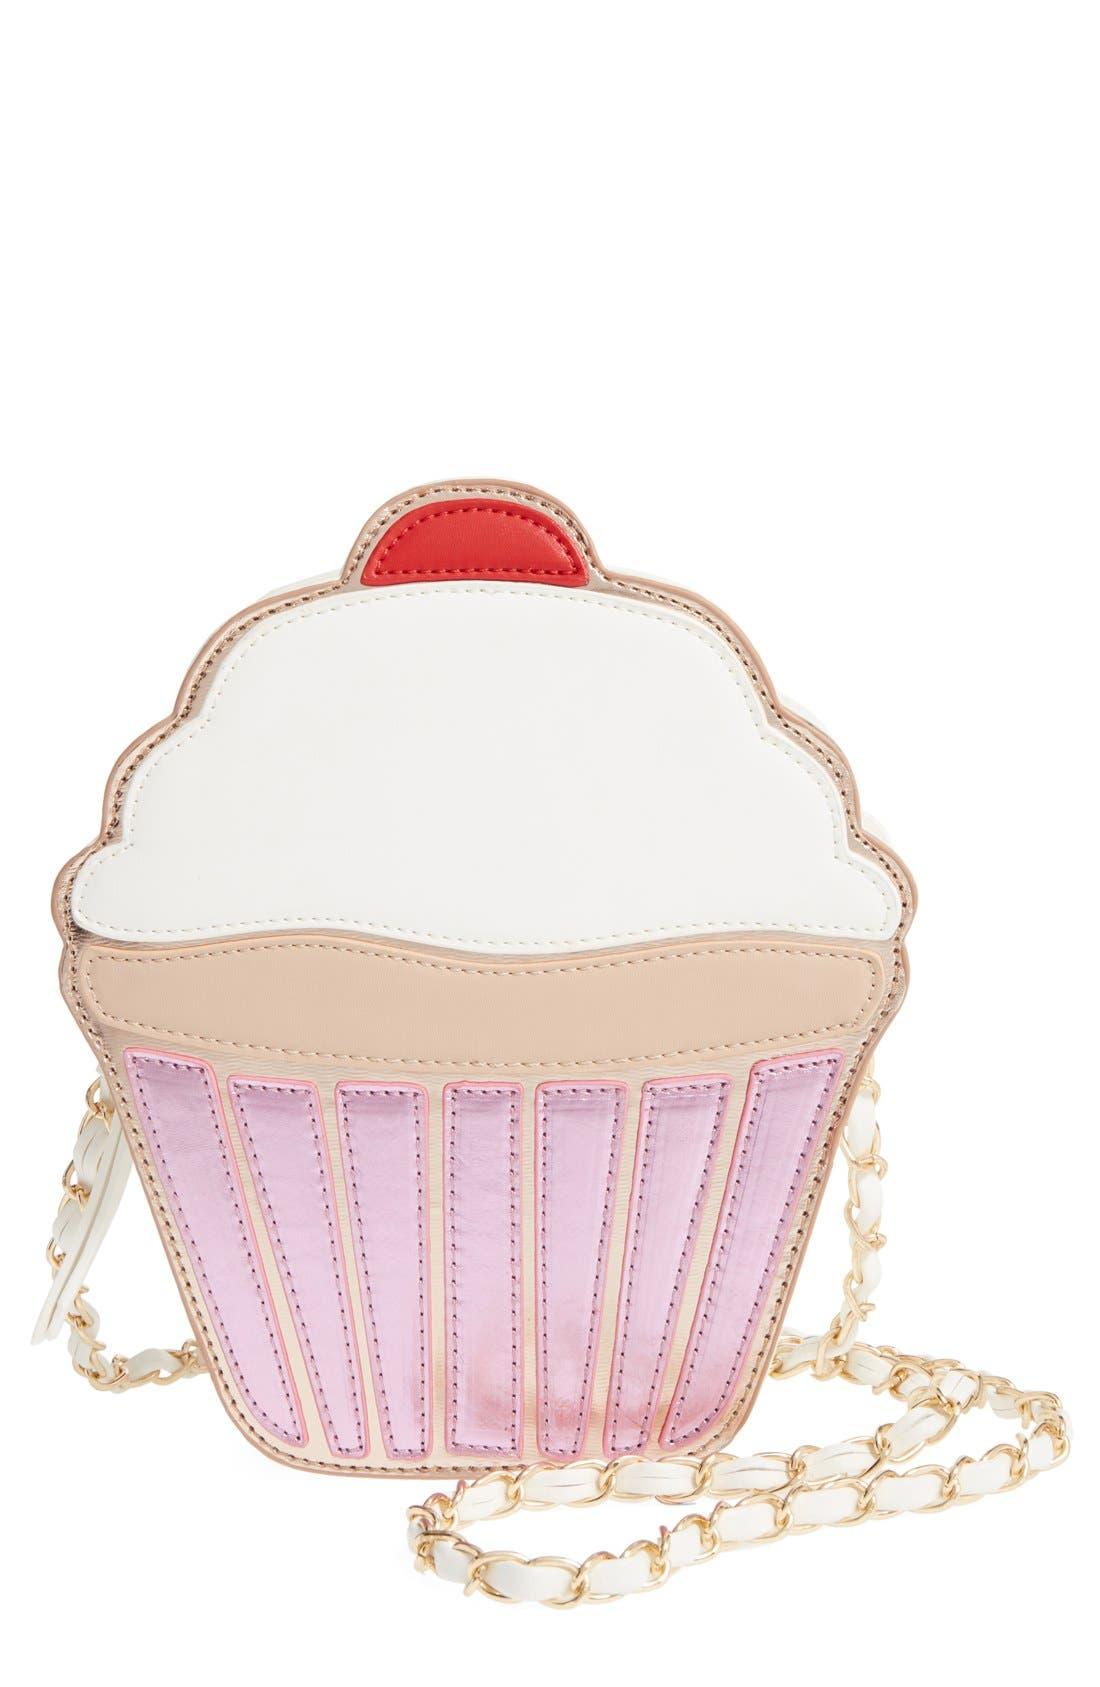 Main Image - Nila Anthony 'Cupcake' Faux Leather Crossbody Bag